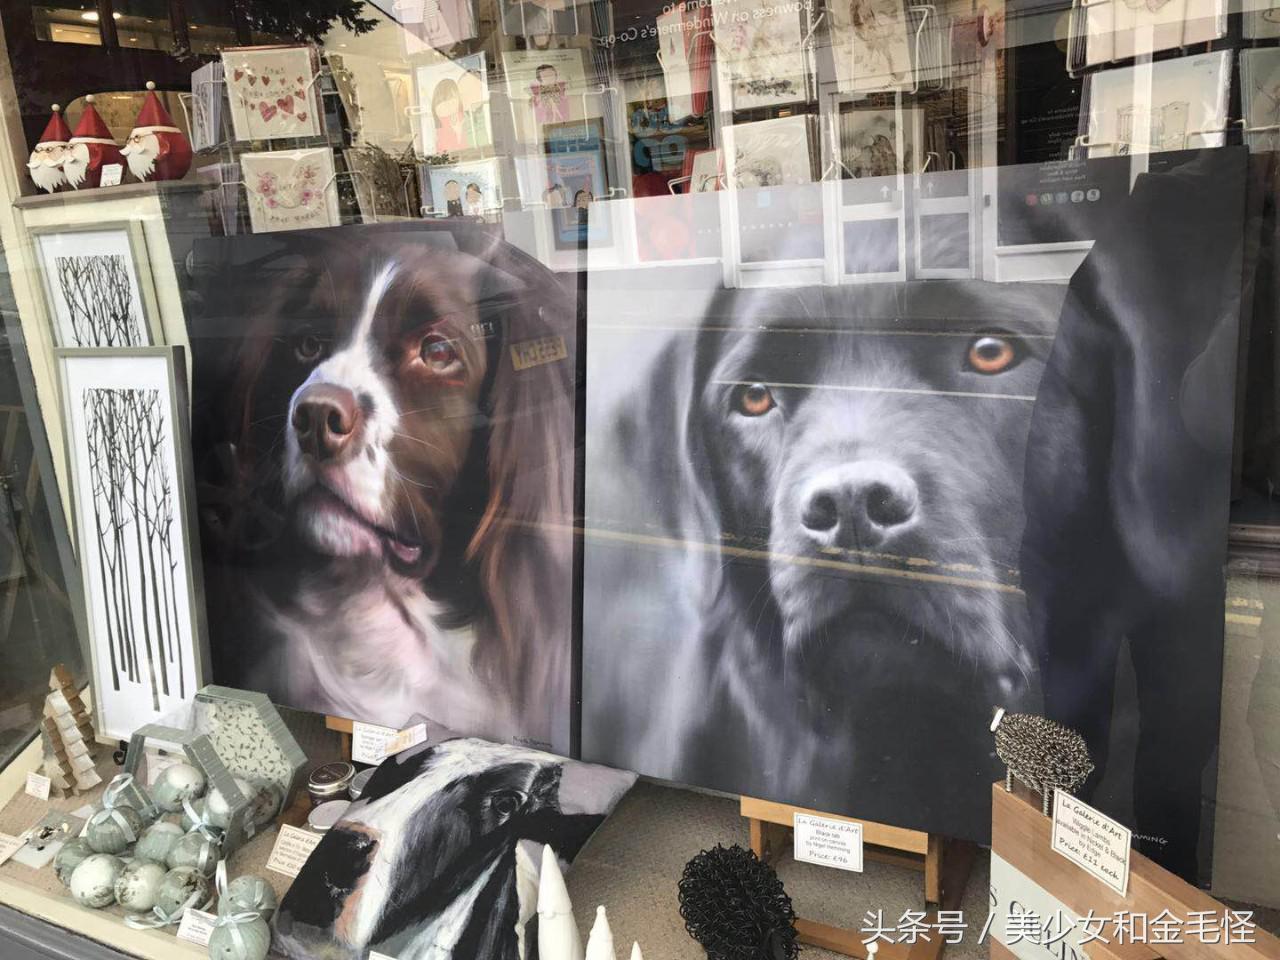 狗狗的天堂:法国巴黎,阿尔卑斯山下的爱狗情结